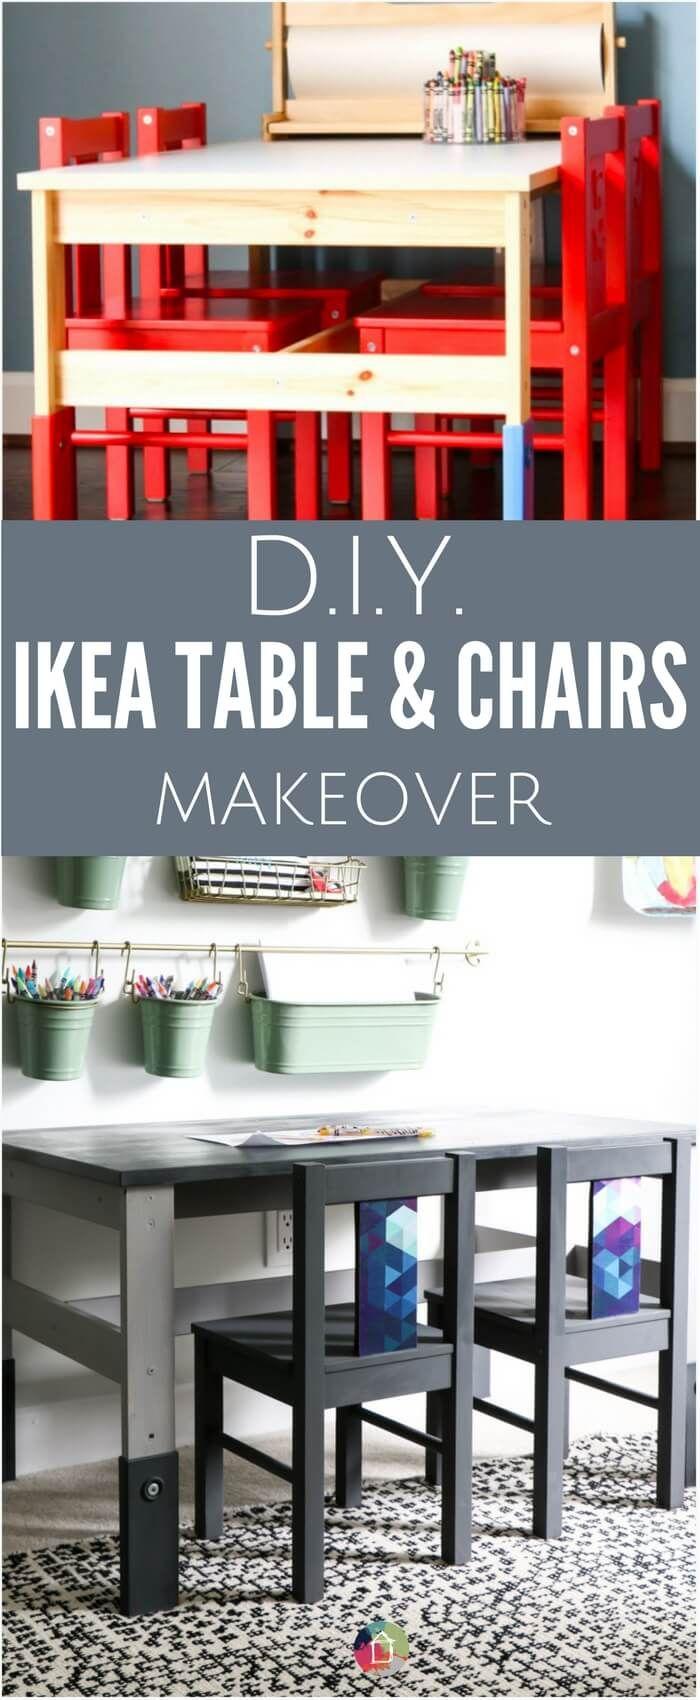 Ikea Kindertisch Und Stuhle Makeover Kindertisch Makeover Stuhle Kinder Tisch Und Stuhle Kindertisch Und Stuhle Ikea Tisch Und Stuhle